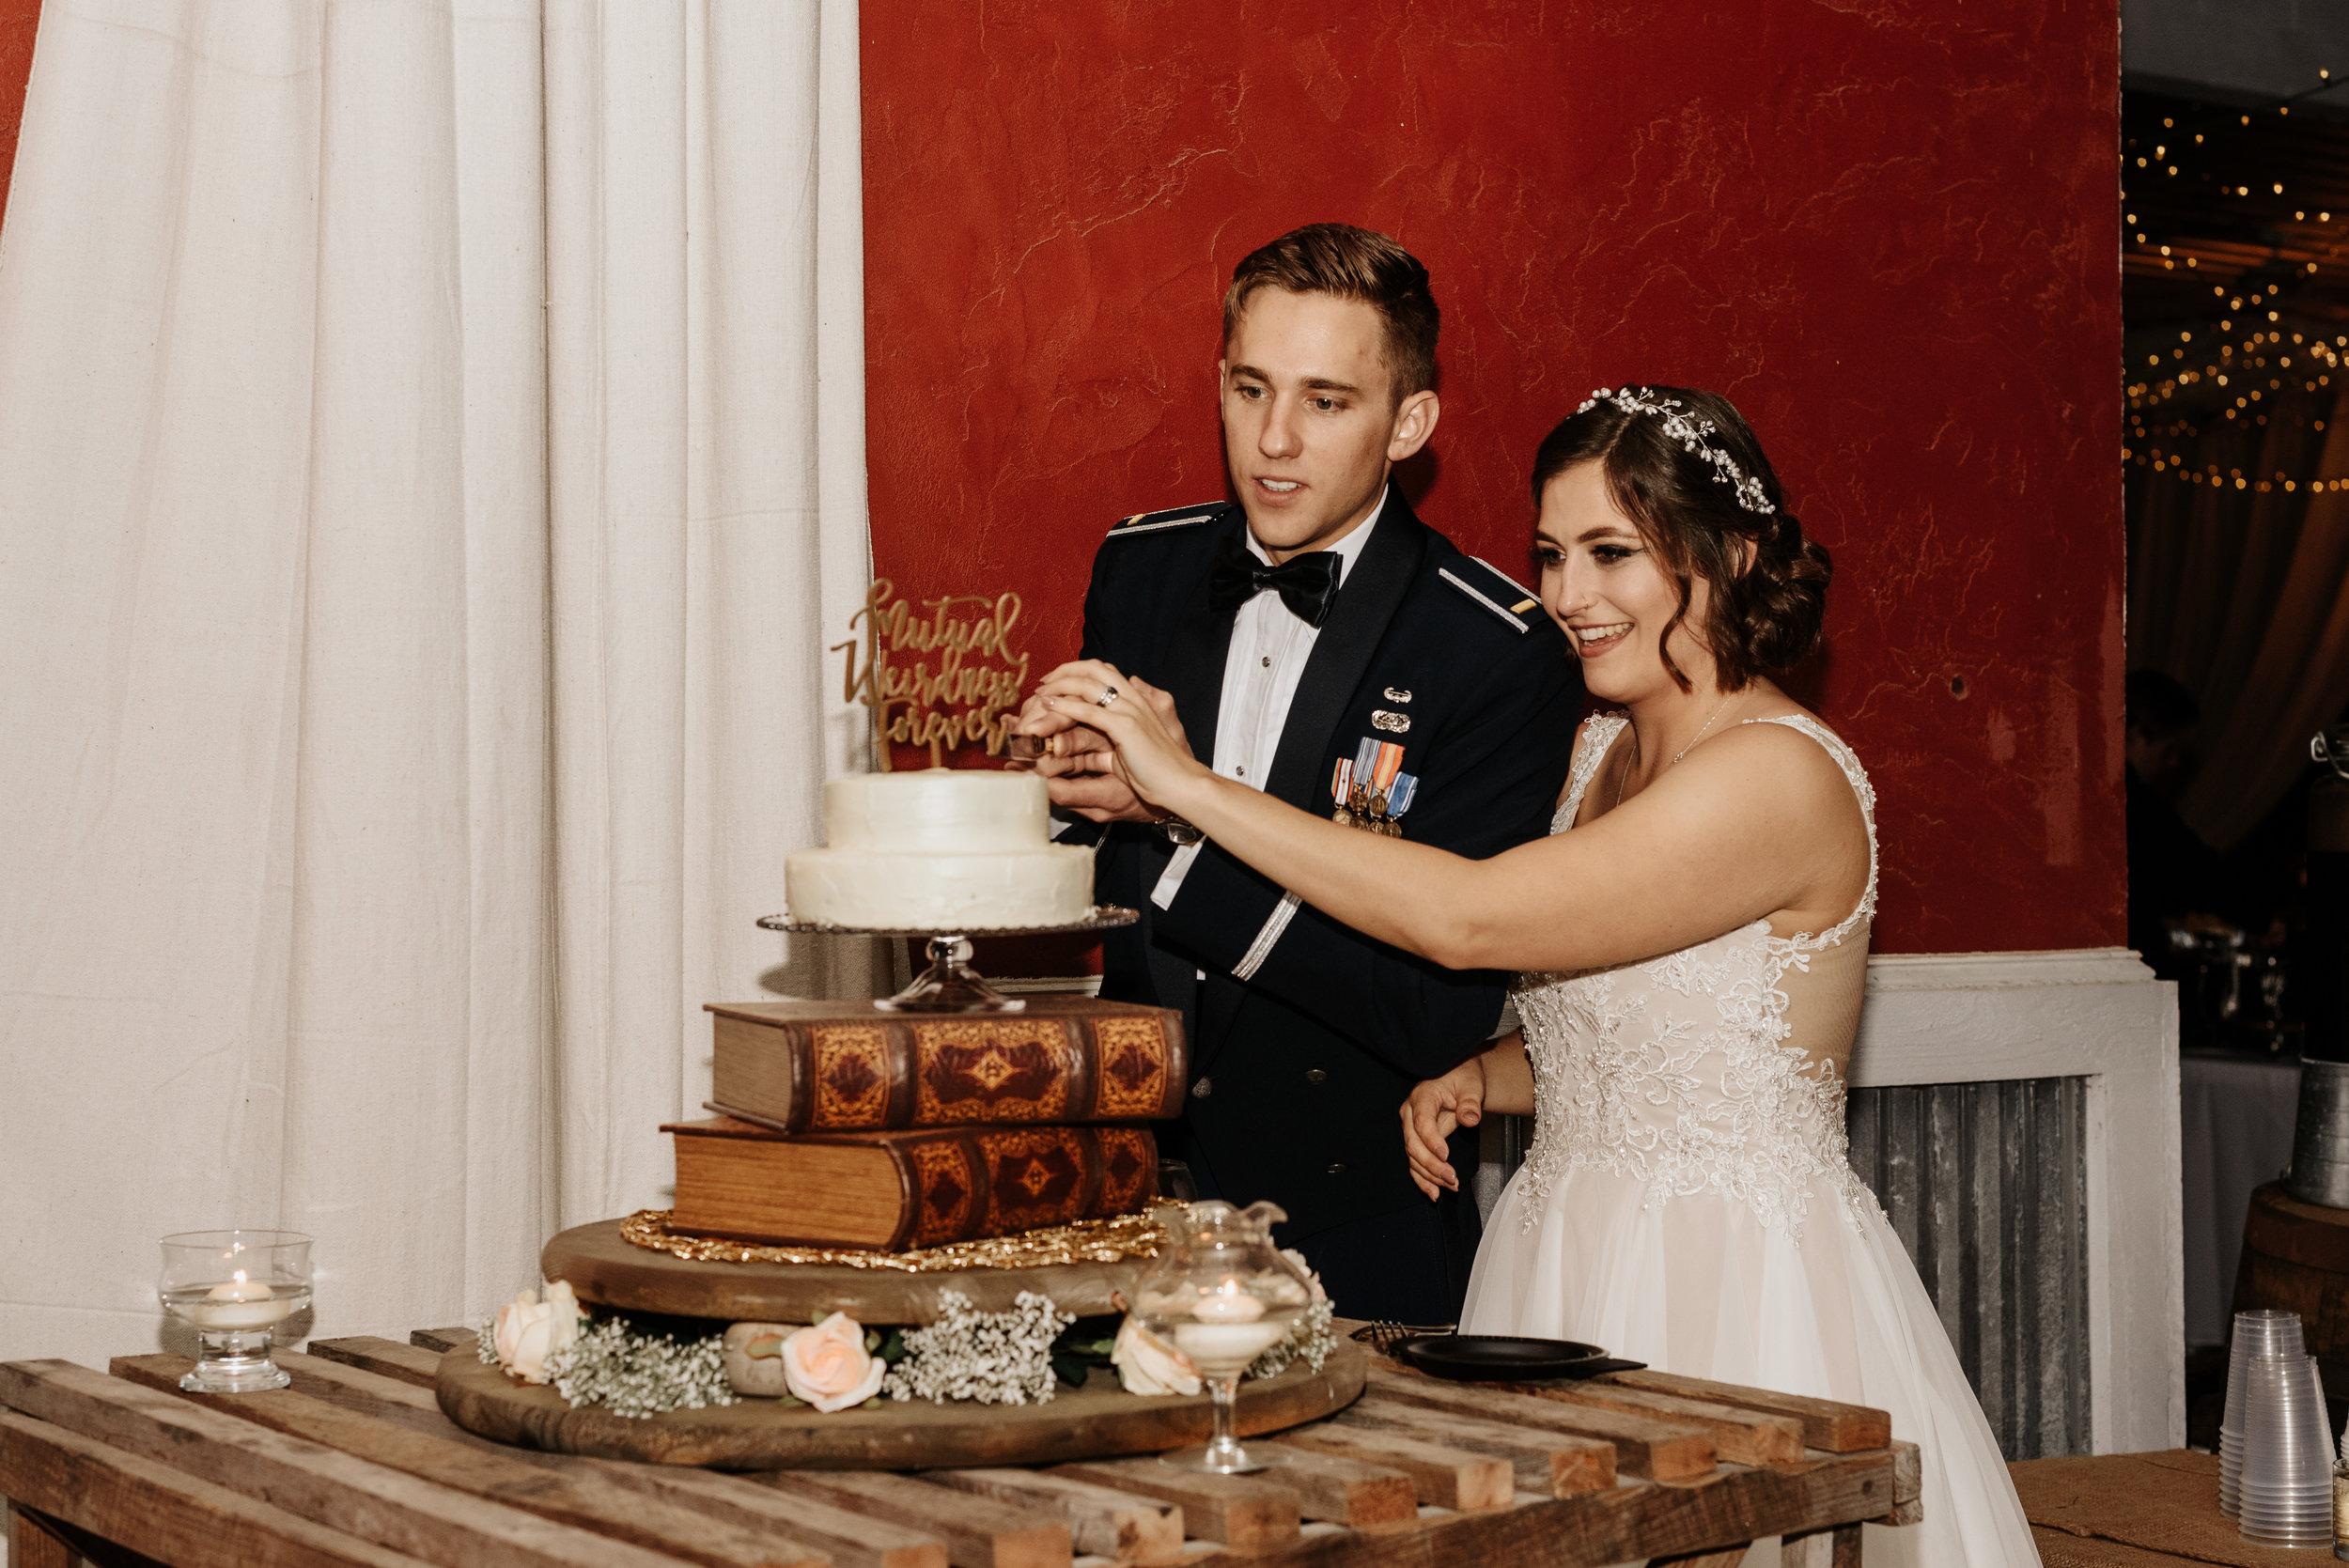 Carolyn-Wes-Wedding-2022.jpg